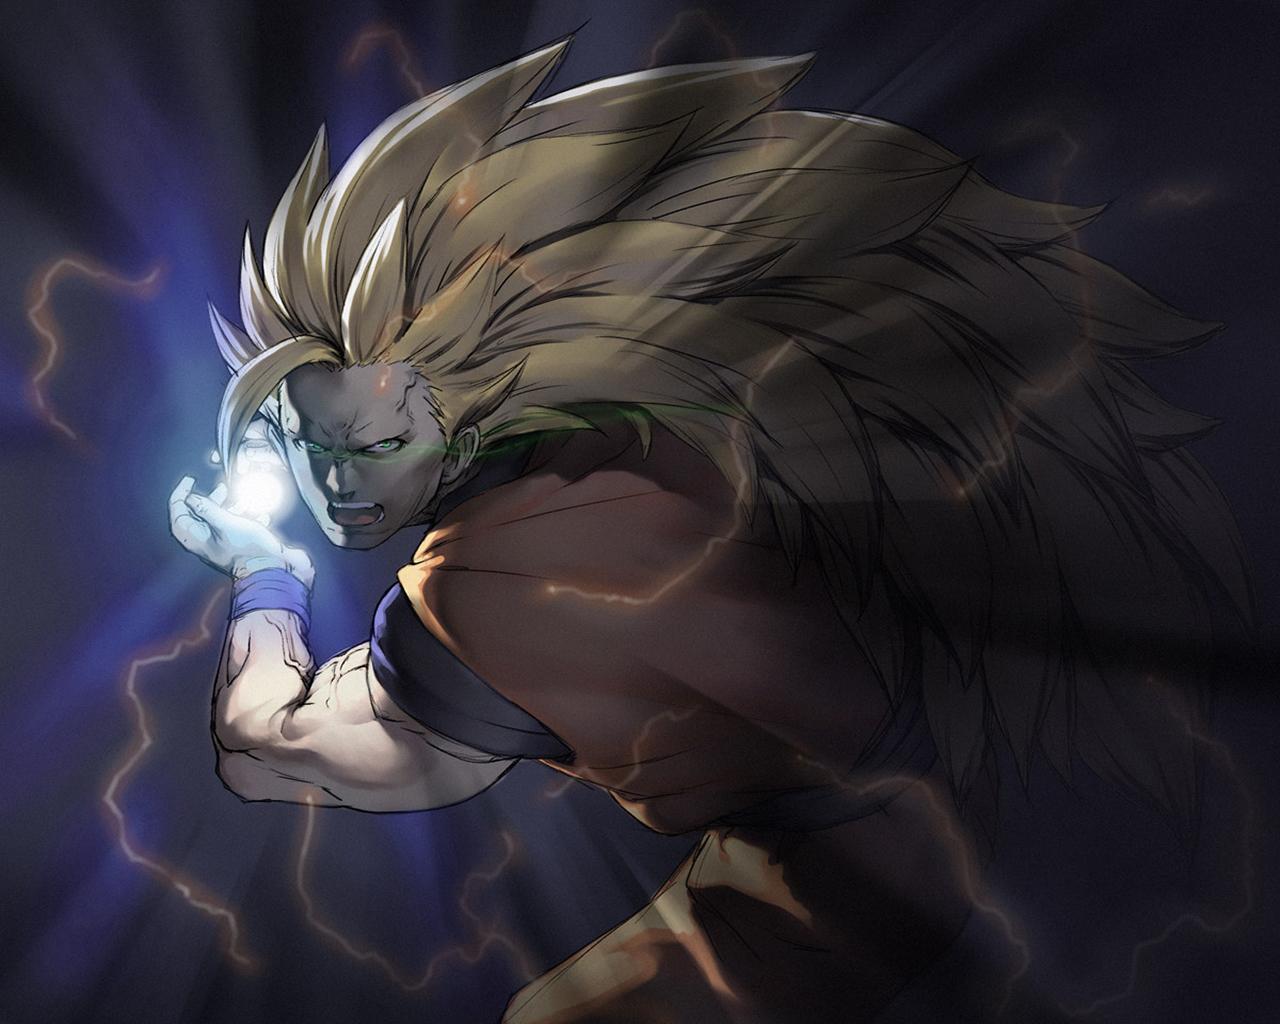 Son Goku Wallpaper 1280x1024 Son Goku 1280x1024